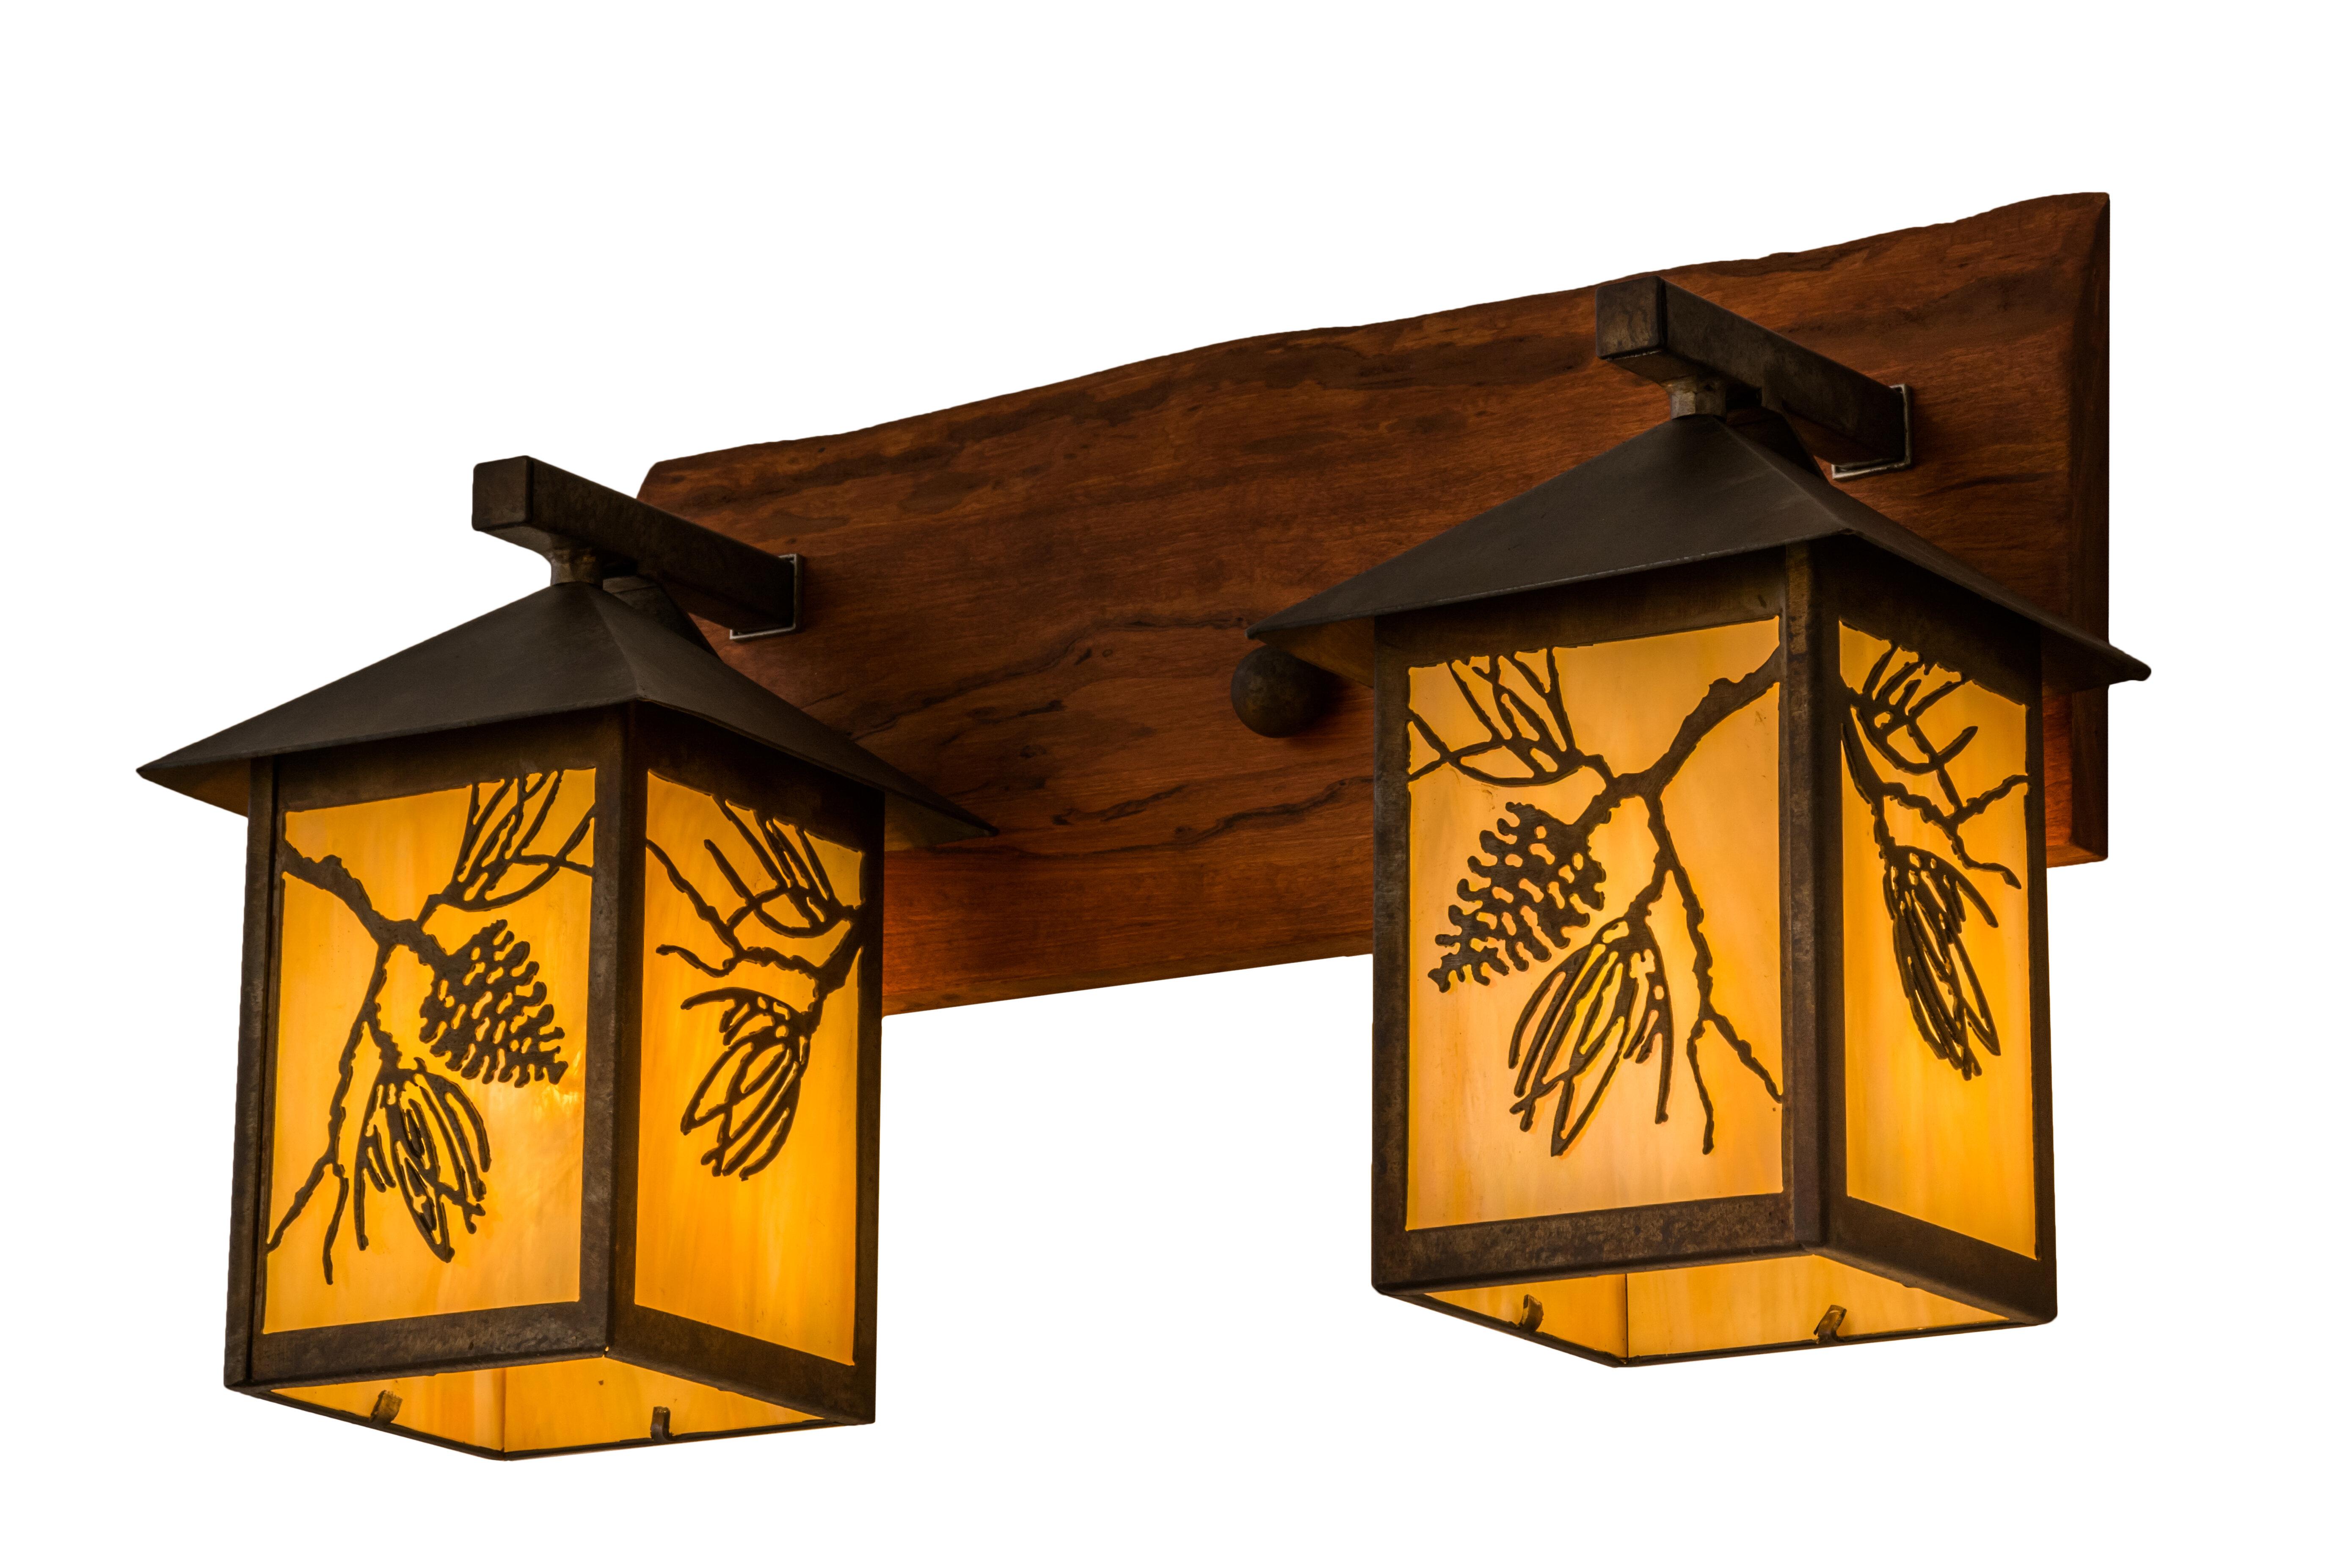 Meyda Tiffany Balsam 2 Light Outdoor Wall Lantern Wayfair